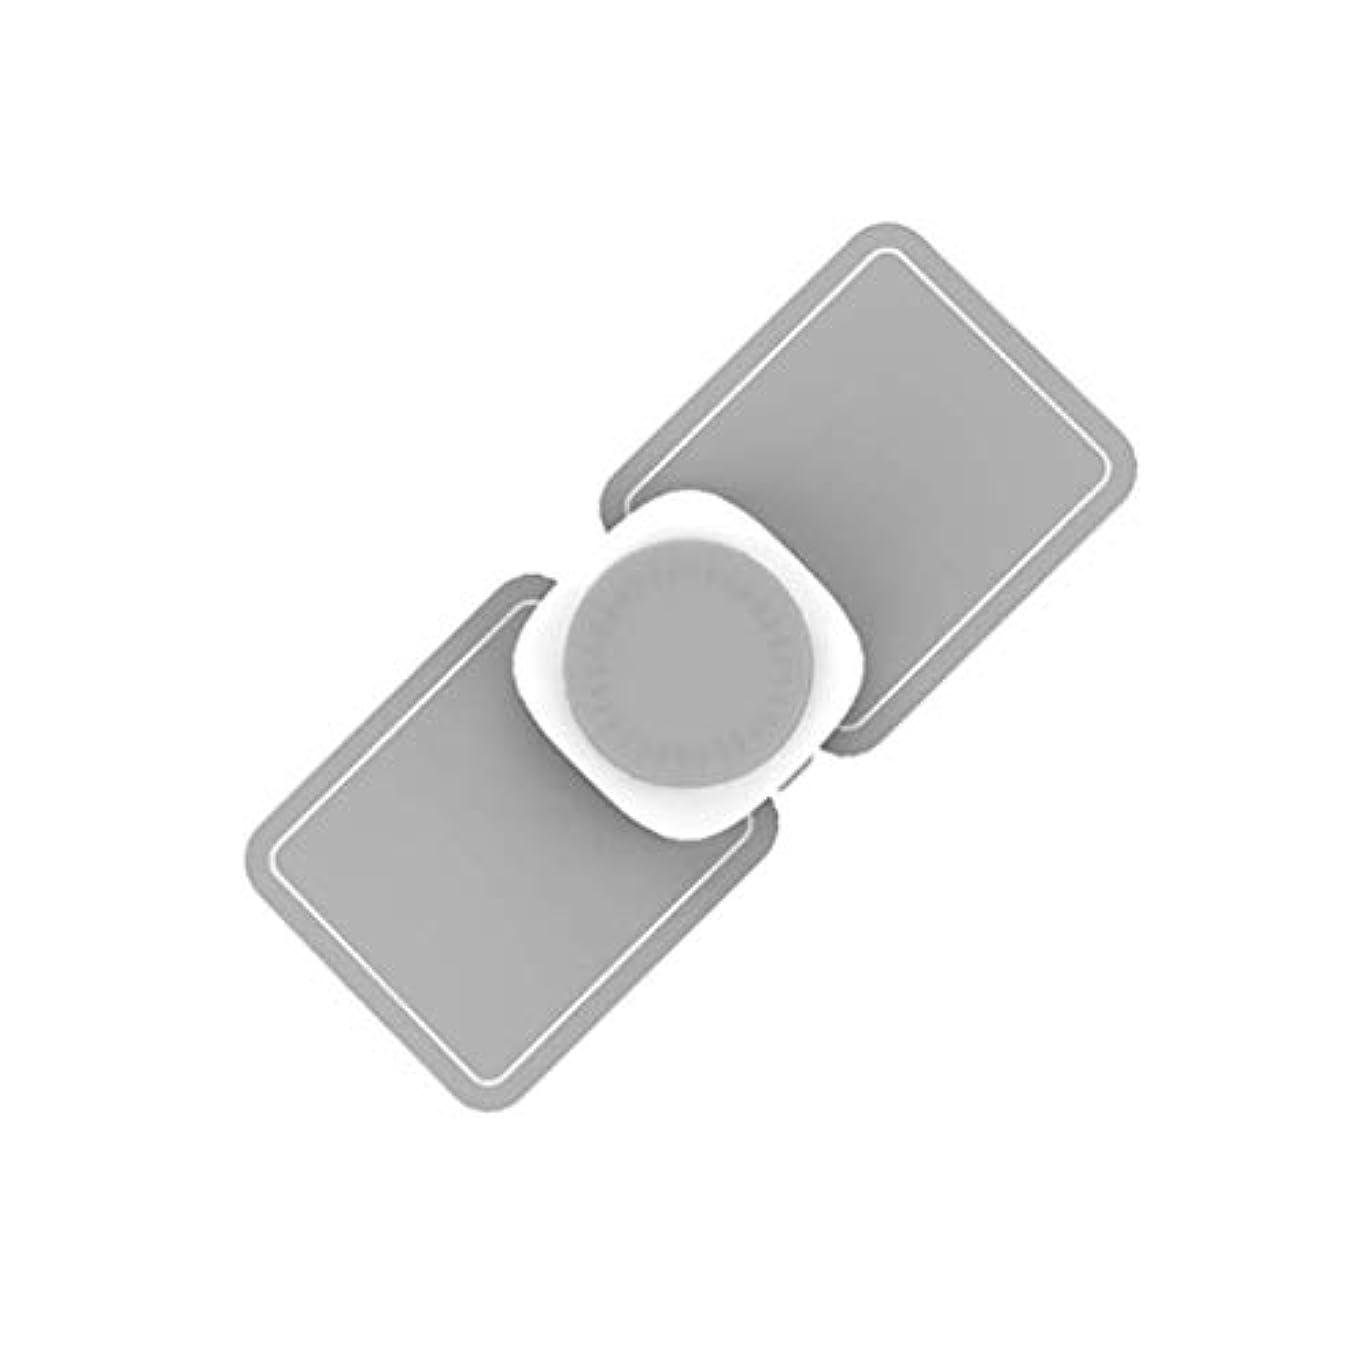 起訴する願う感覚マッサージャー、ポータブルミニネック|ショルダーマッサージャー、USB充電式電動ディープマッサージツール、マッスルリラクゼーションにより、ホームオフィスの痛みを軽減 (Color : Grey)